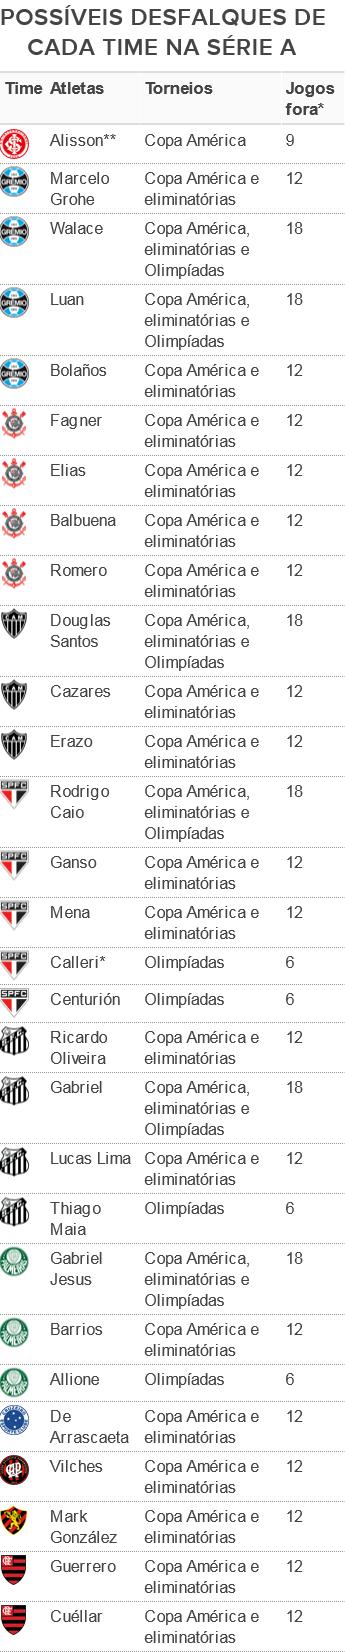 Tabela Desfalques Clubes Série A Seleções (Foto: GloboEsporte.com)